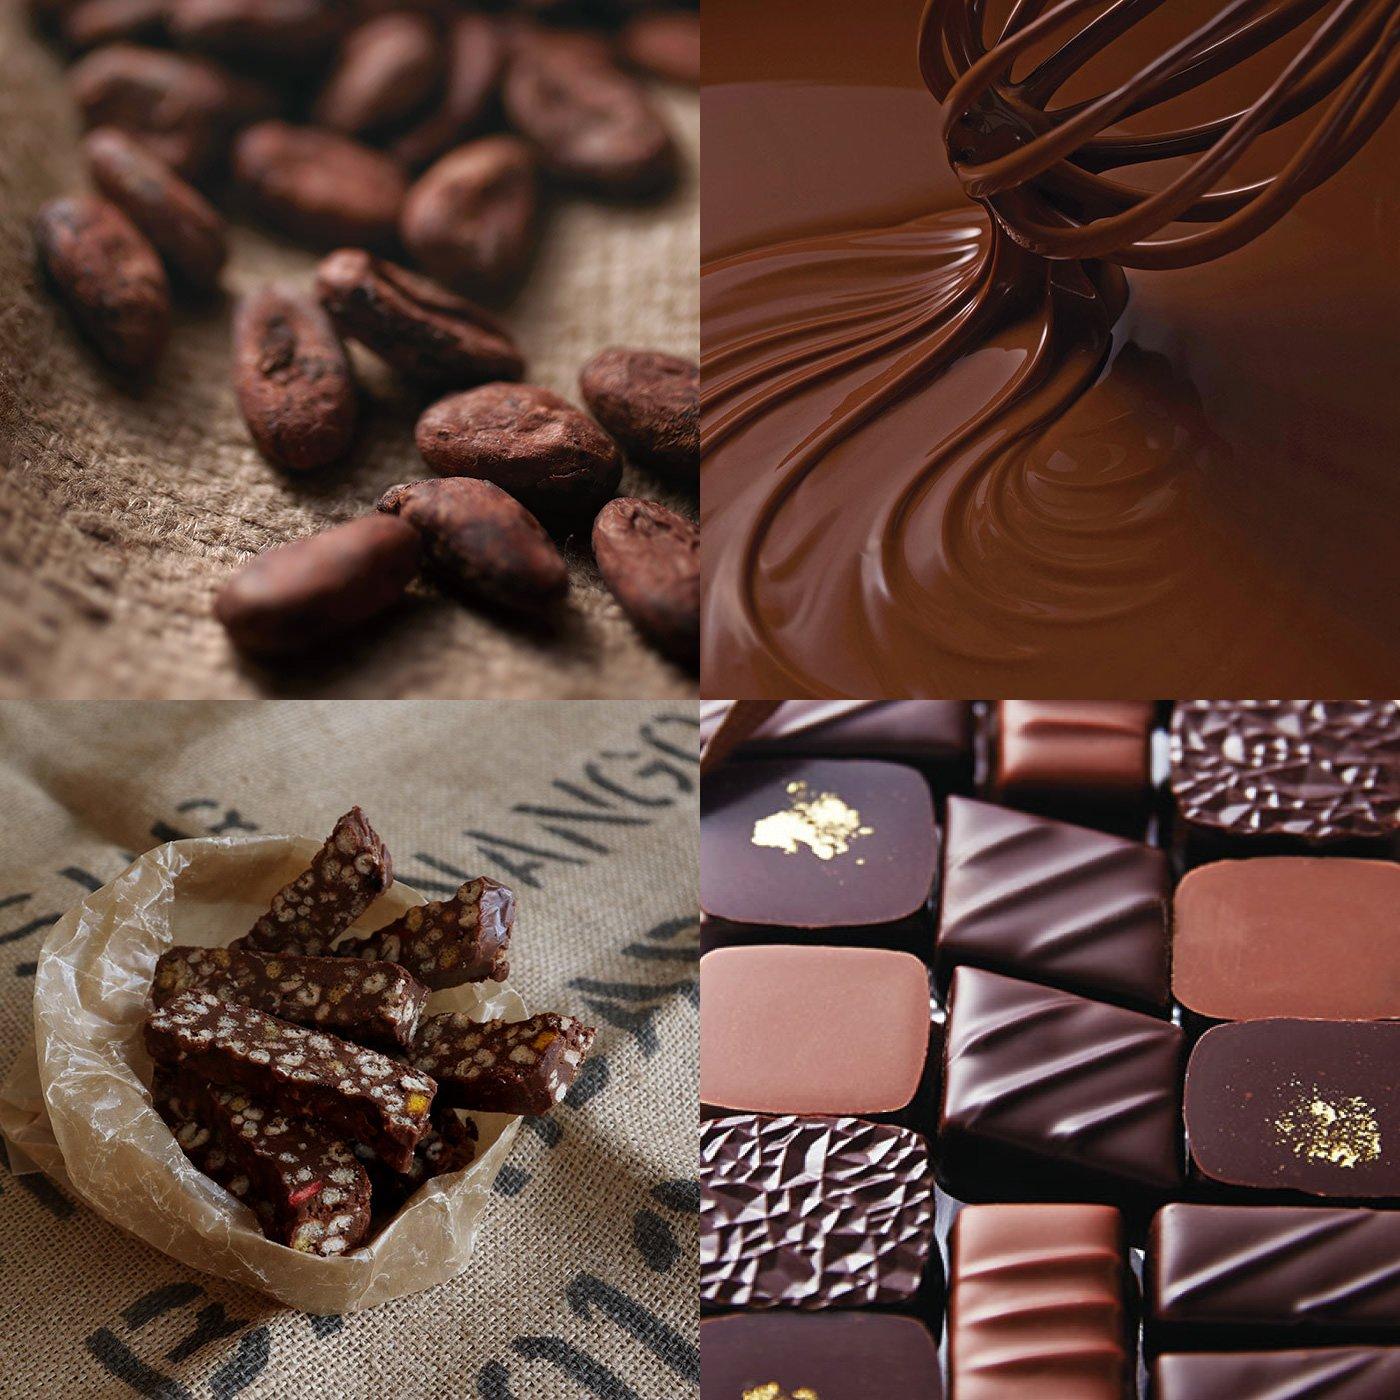 もーっとチョコレートライフ!一年中チョコを楽しむプログラムトライアル [2回予約]